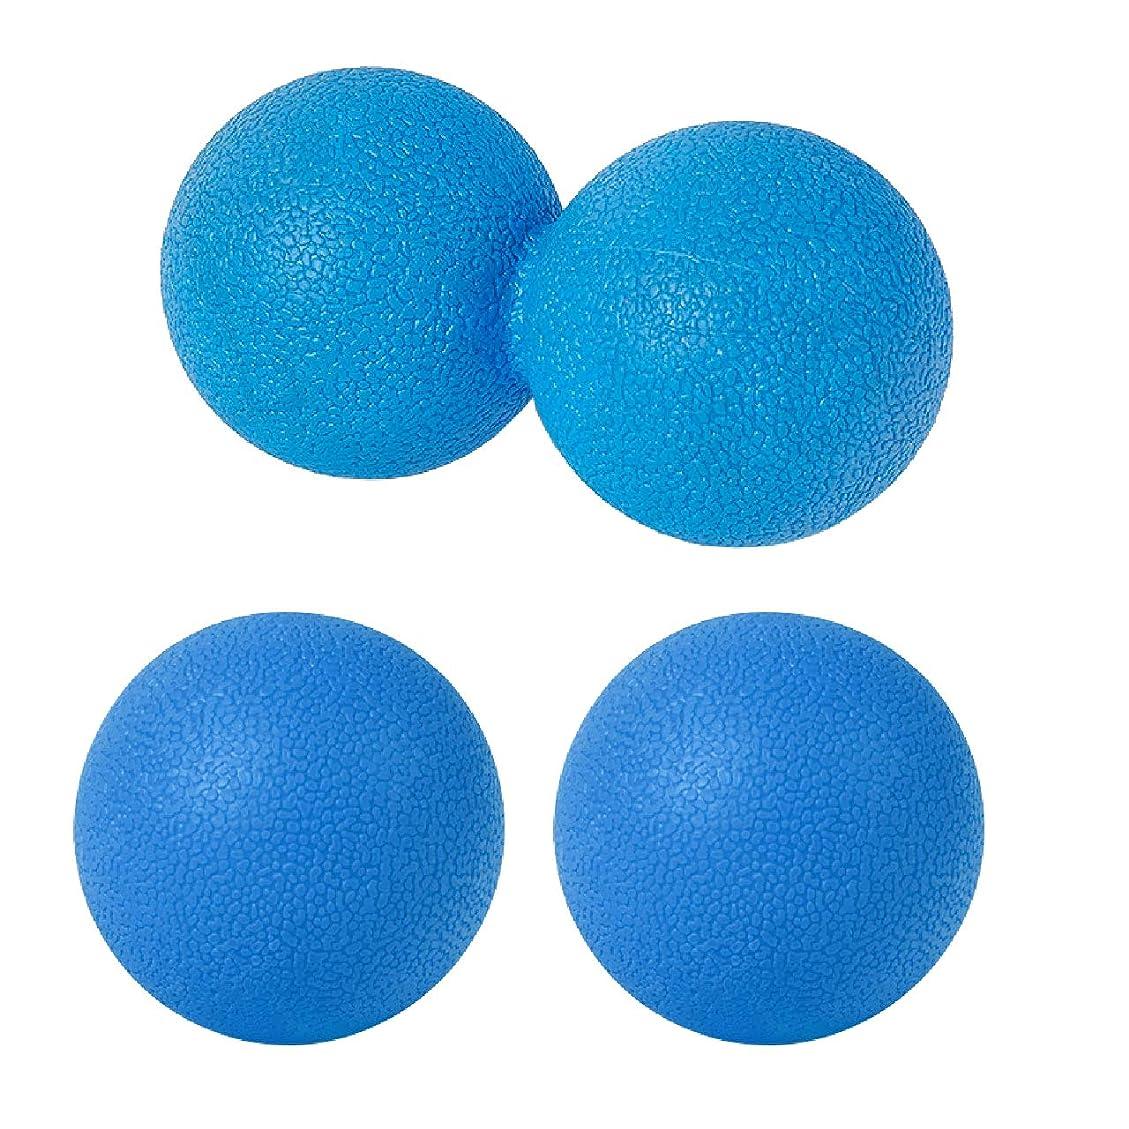 止まる写真を撮る全体sac taske マッサージボール ストレッチ ピーナッツ ツボ押し トリガーポイント 3個セット (ブルー)